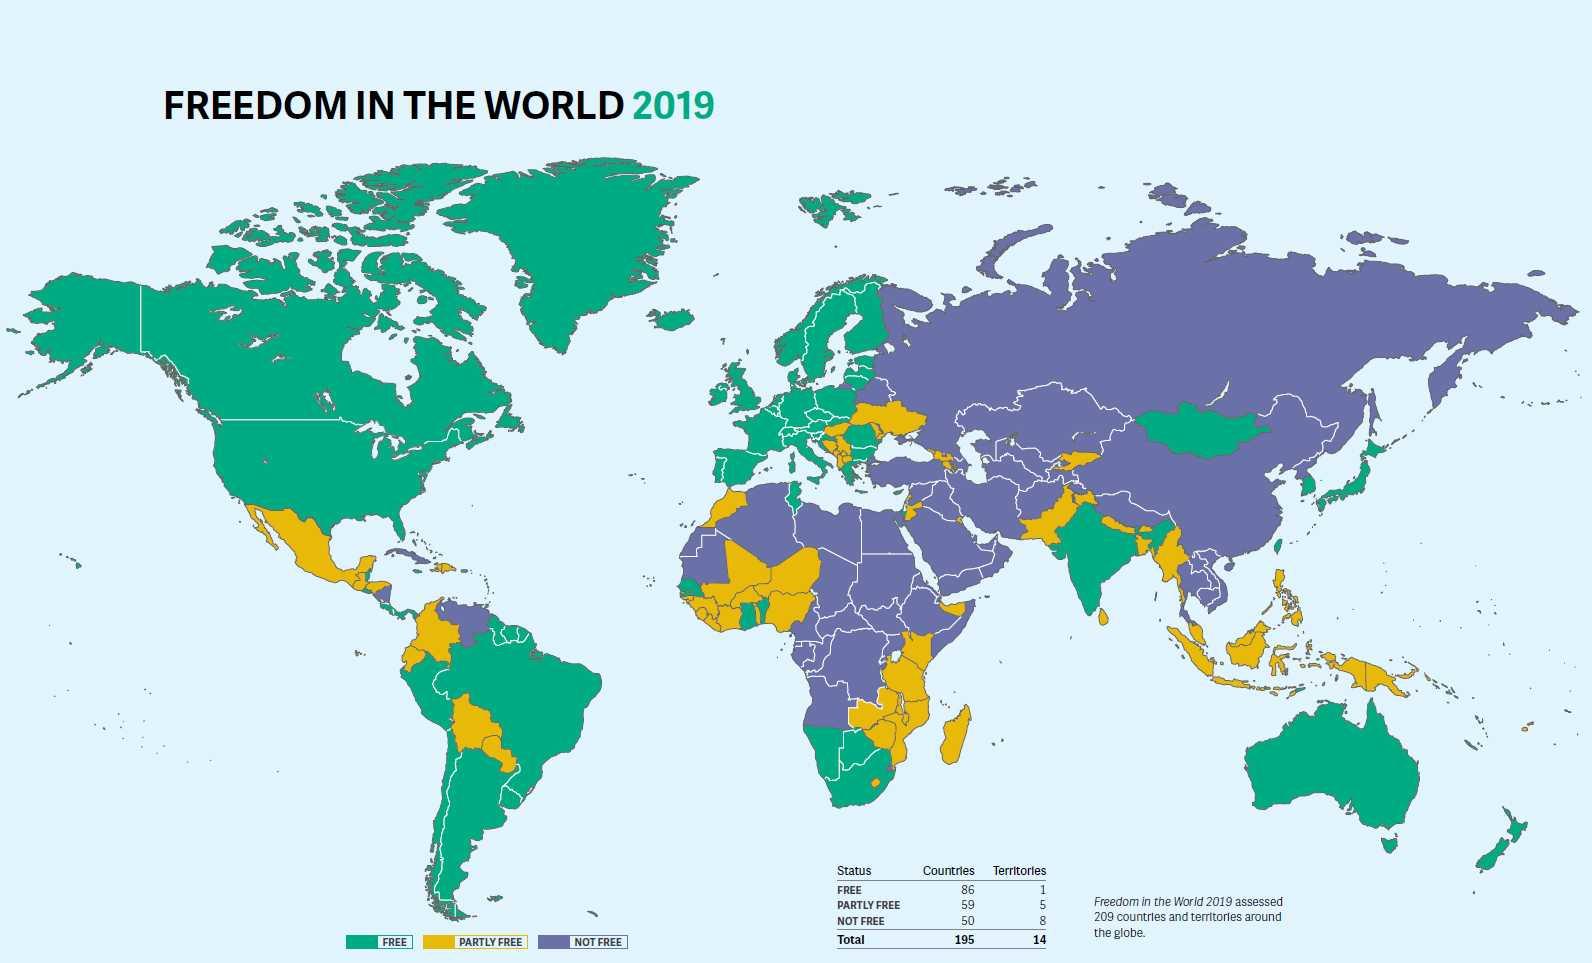 Der Zustand der Demokratie weltweit